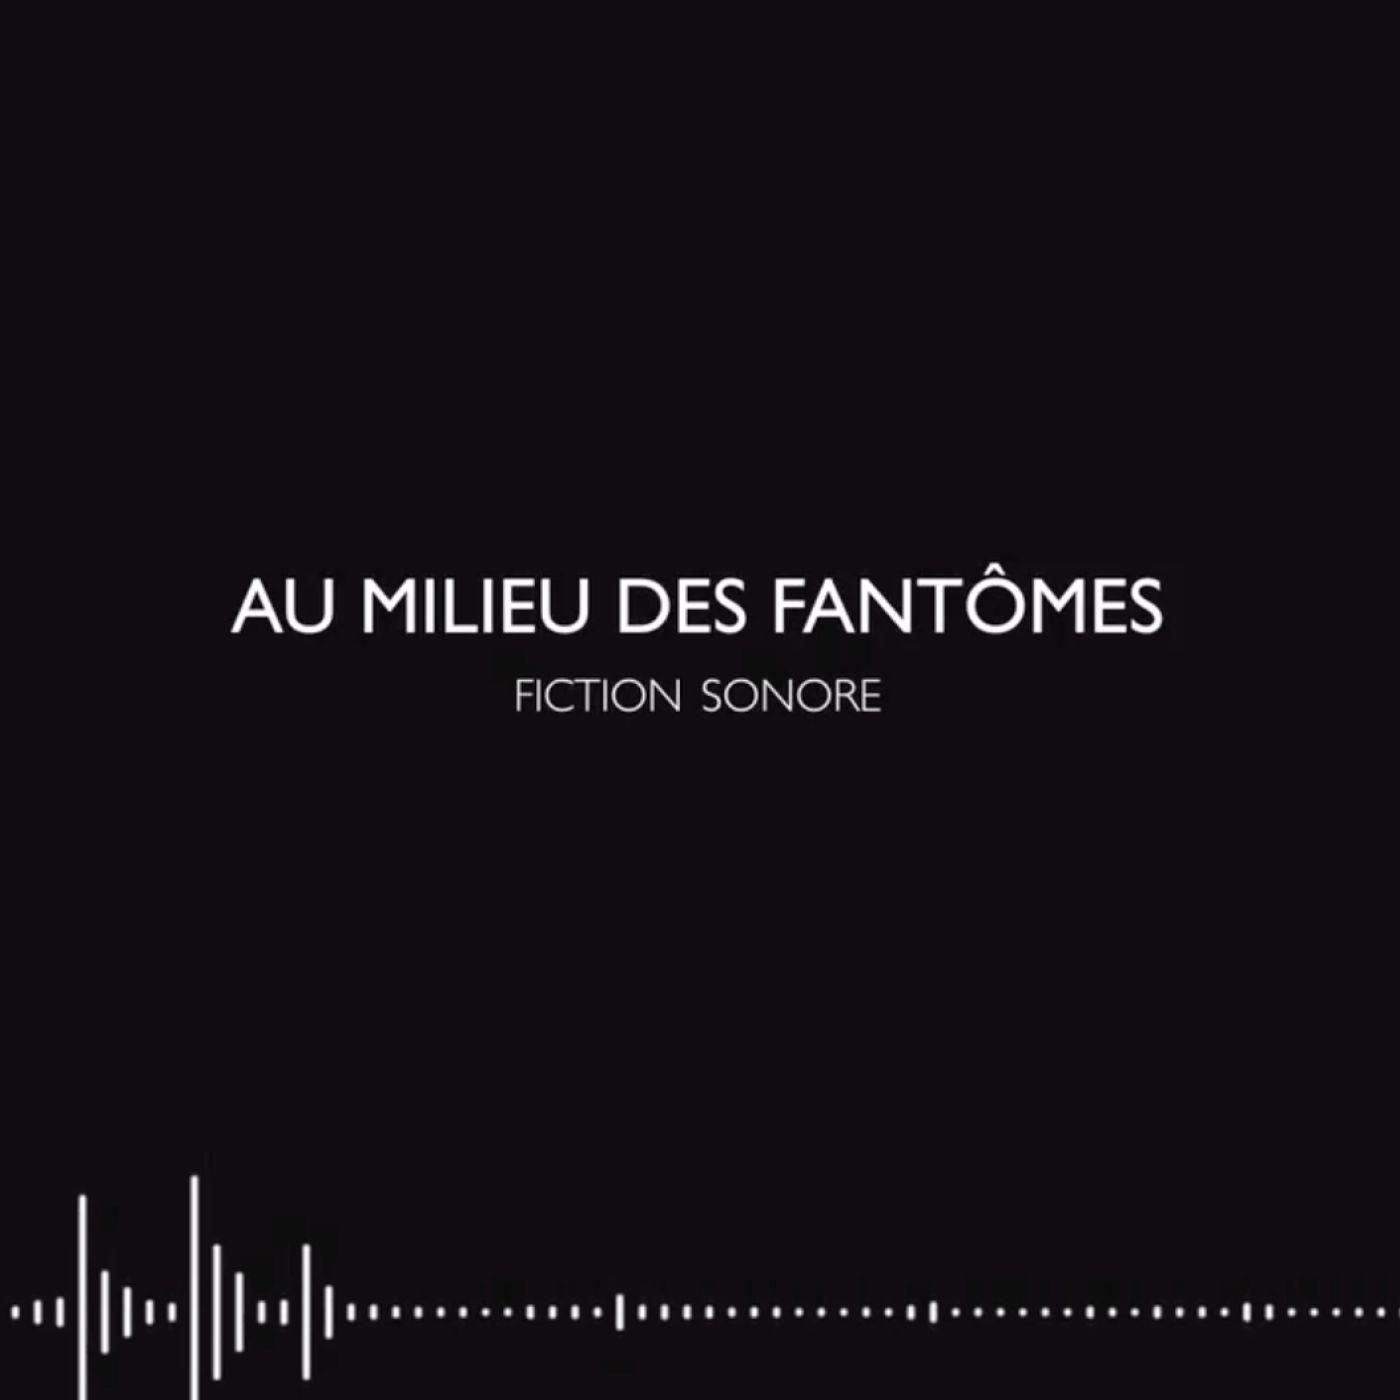 """E12 FICTION """"Au milieu des fantômes"""" Episode 12"""